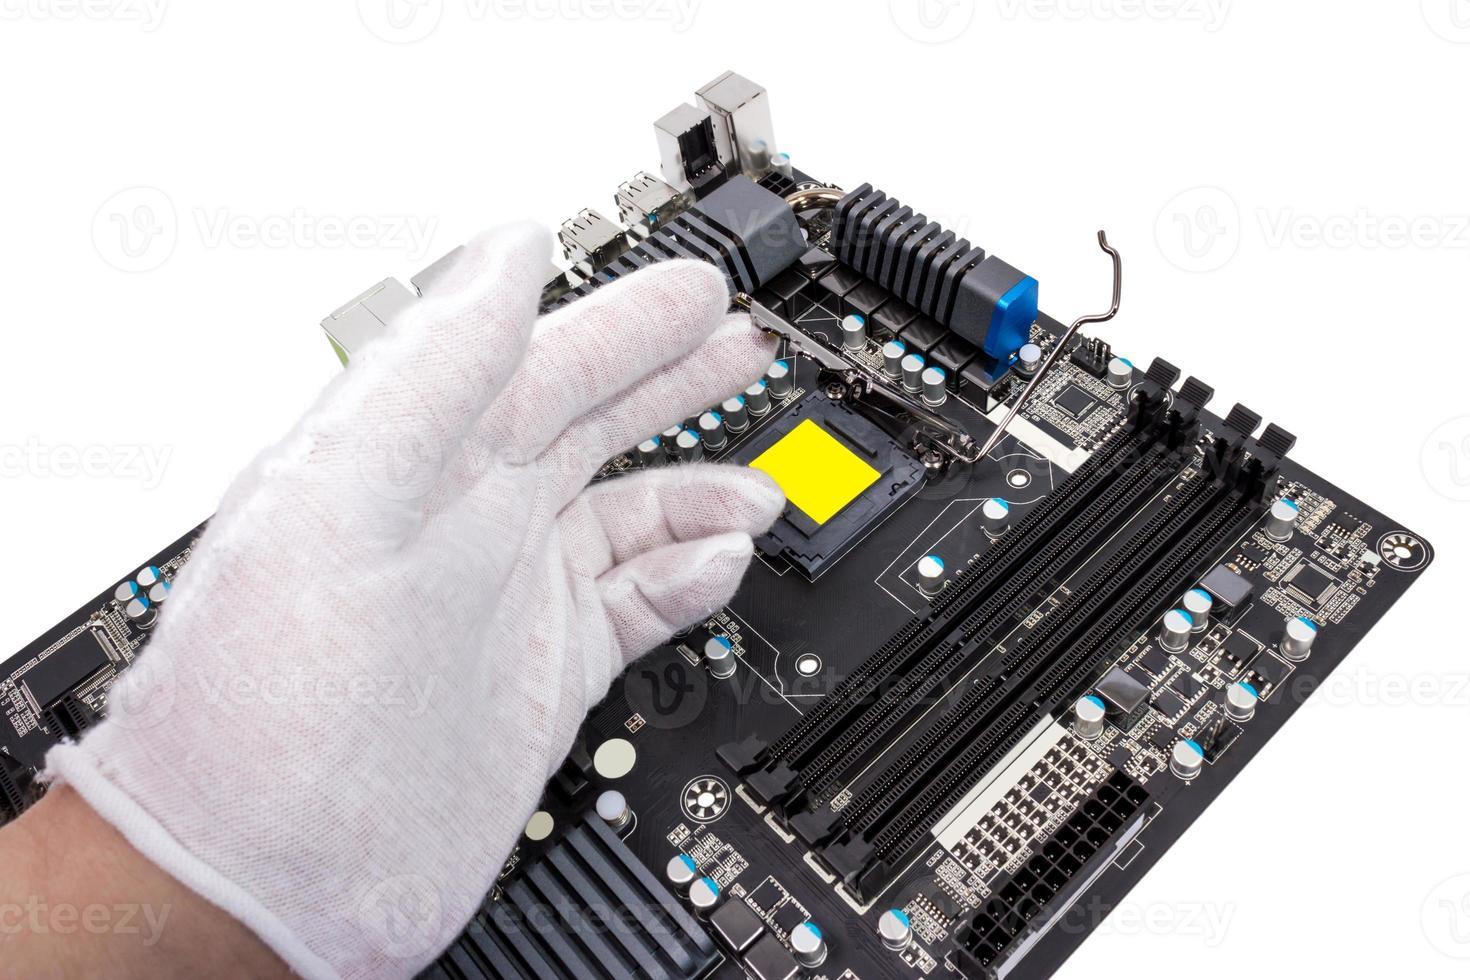 raccolta elettronica - installazione del processore foto